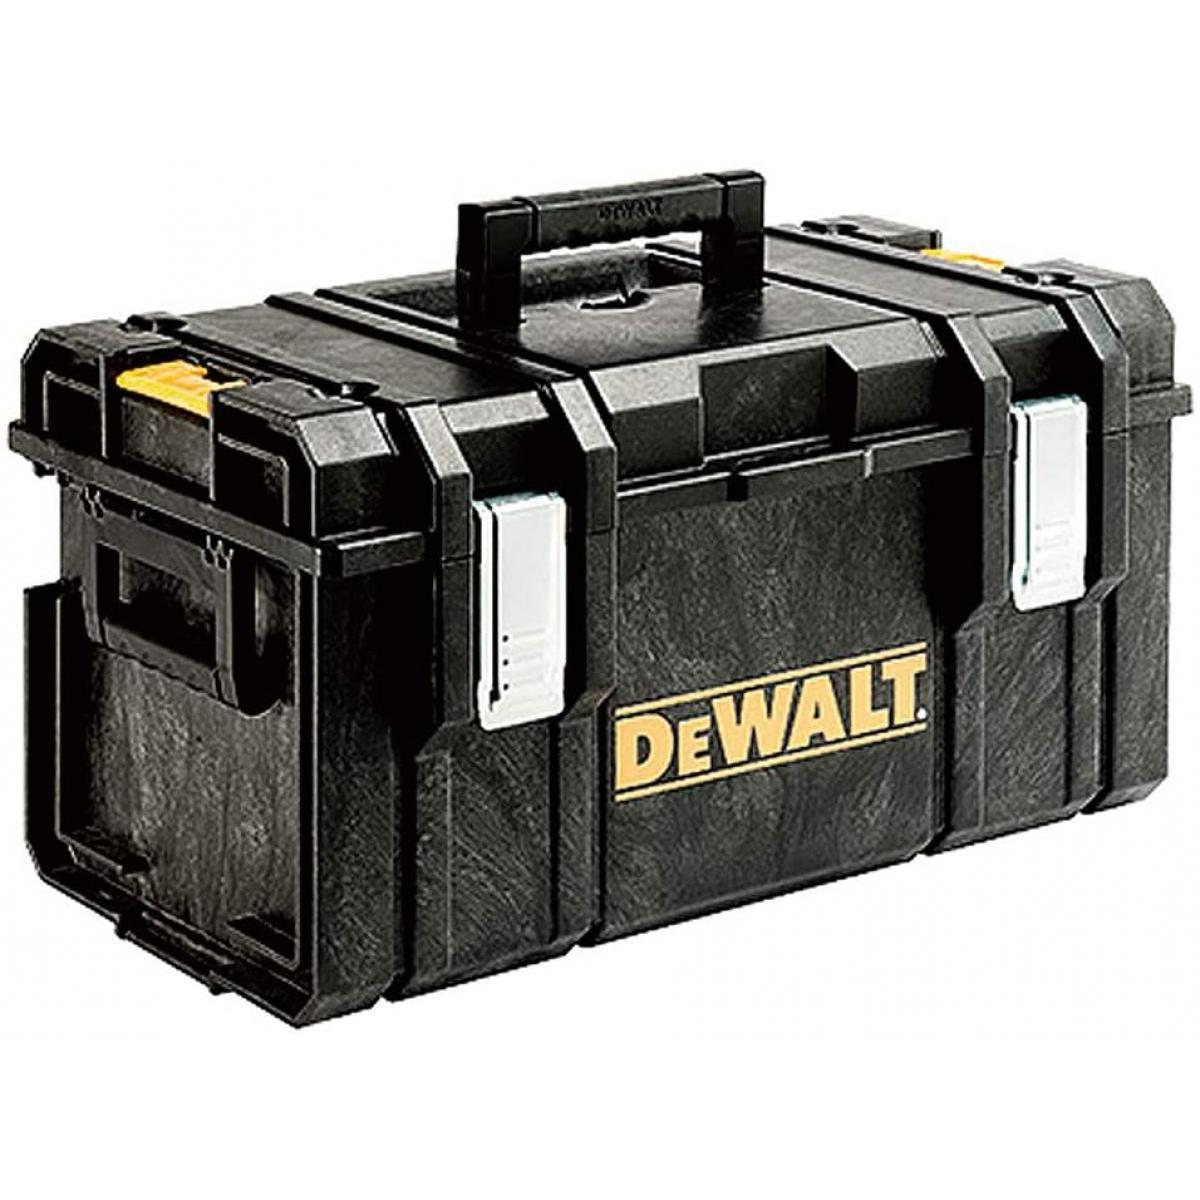 耐久性と使いやすさを追求したシステムツールボックスシリーズ 送料無料でお届けします DEWALT デウォルト システム収納BOX 祝開店大放出セール開催中 1-70-322 タフシステム DS300 DS300